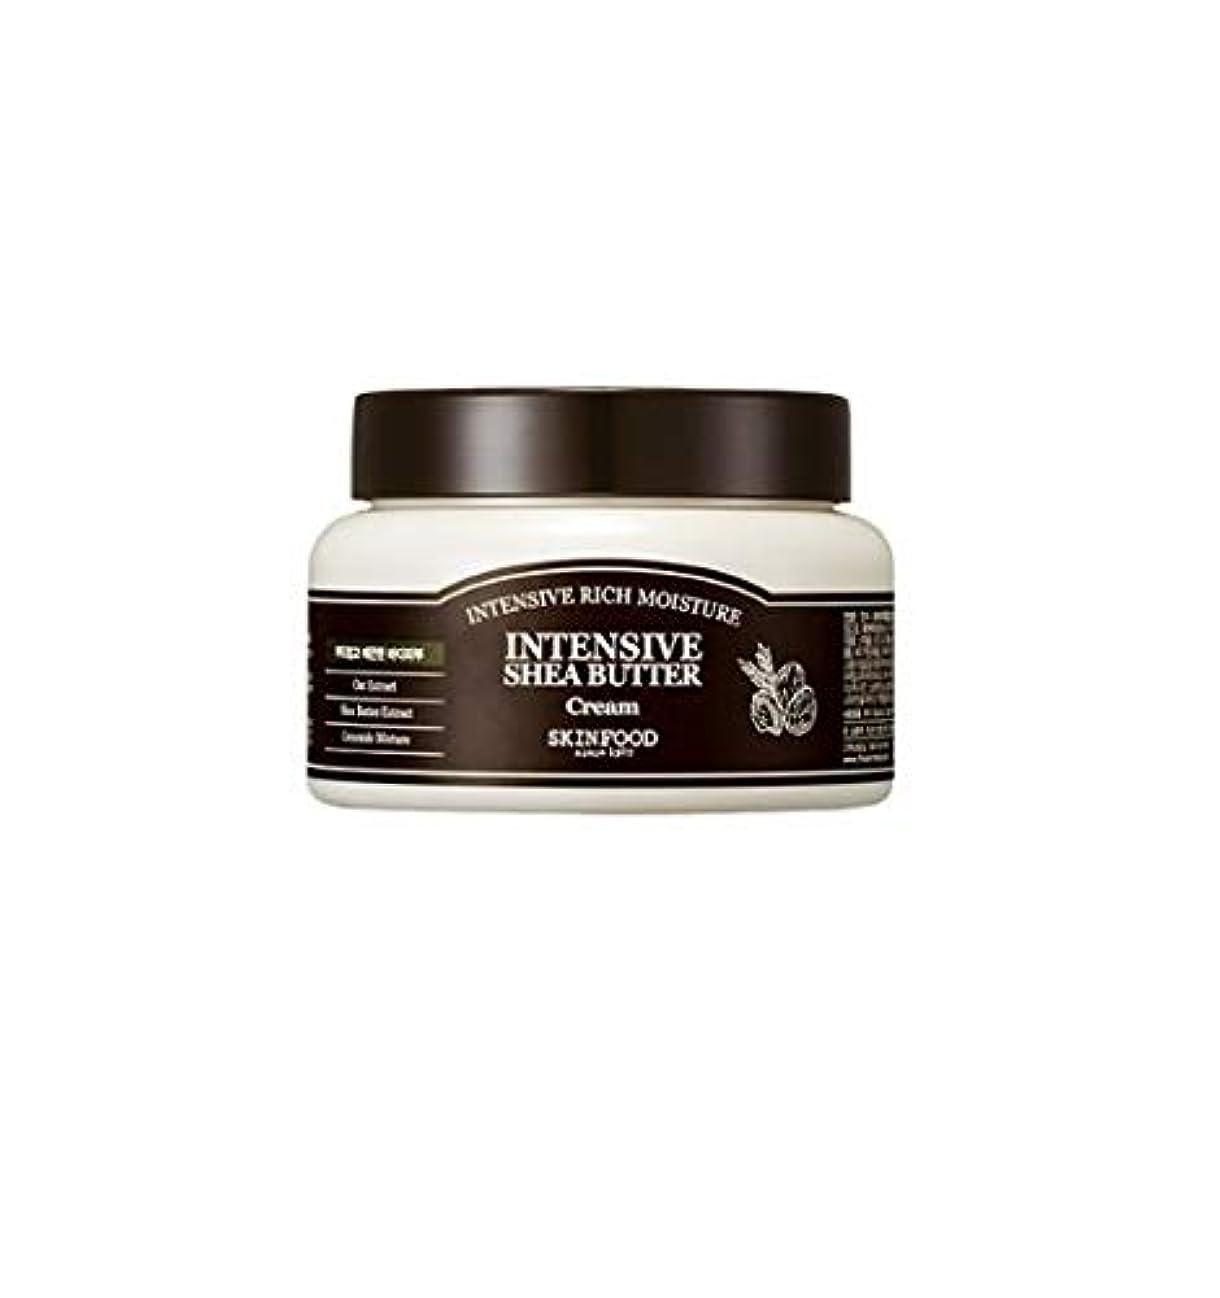 口実縮約トロリーSkinfood 集中シアバタークリーム/Intensive Shea Butter Cream 225ml [並行輸入品]